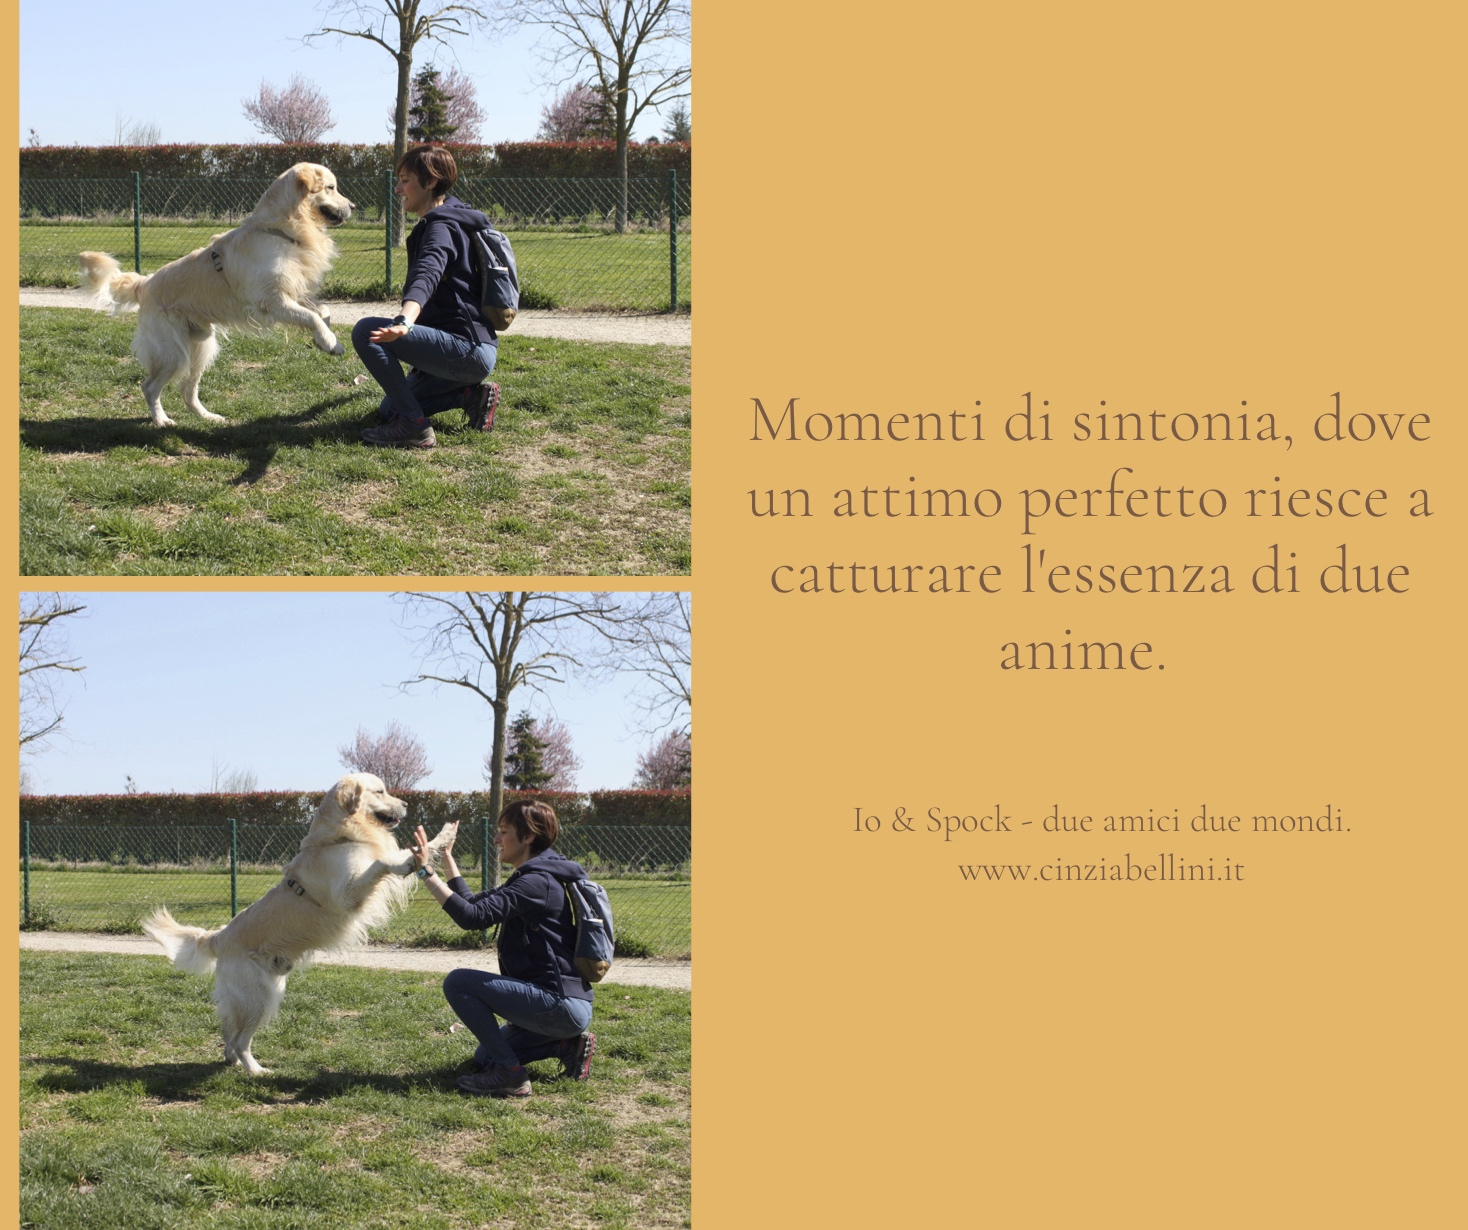 attimo perfetto; Cinzia Bellini